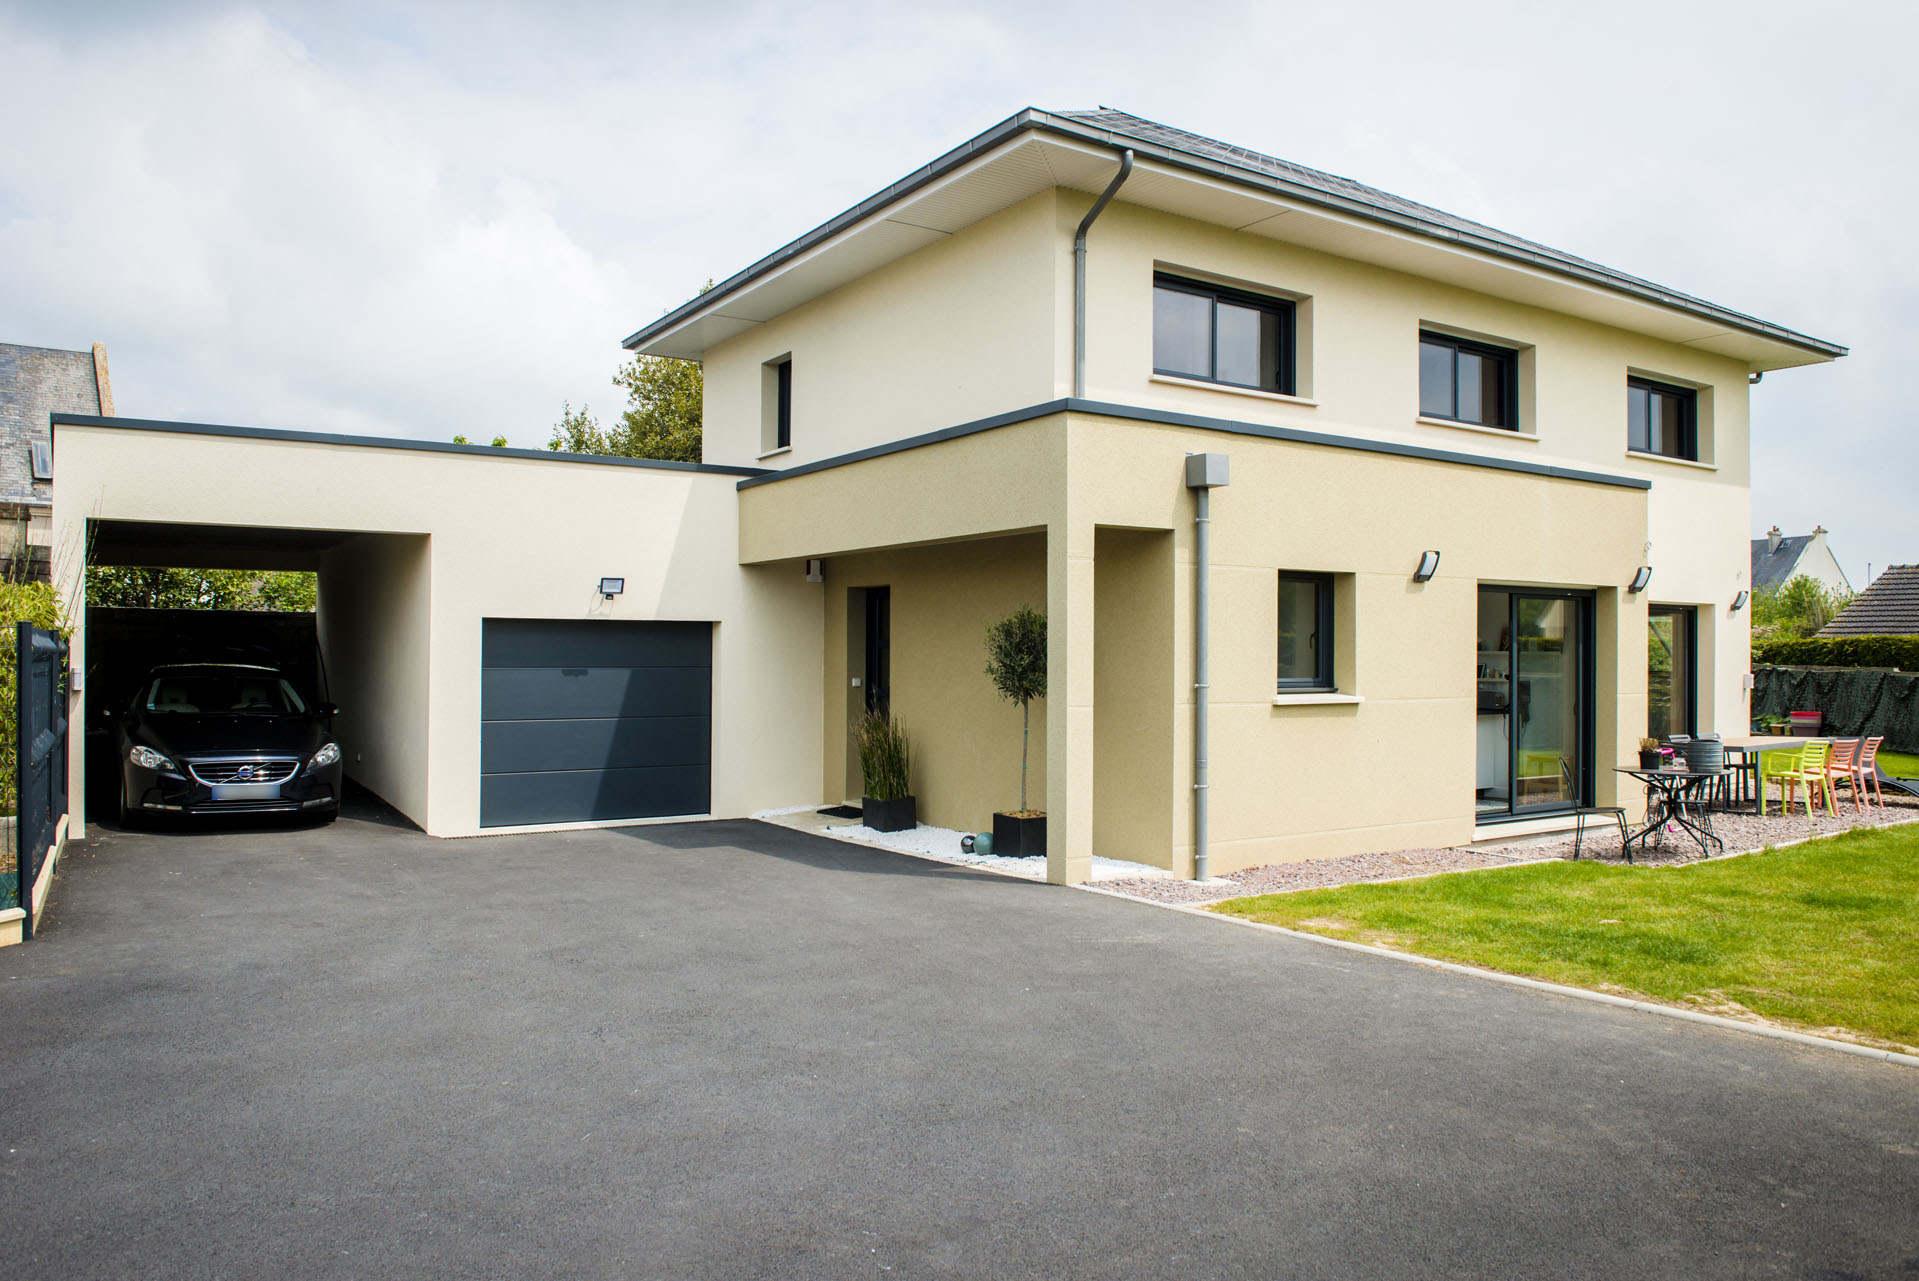 Maison personnalisée 2019 – 2